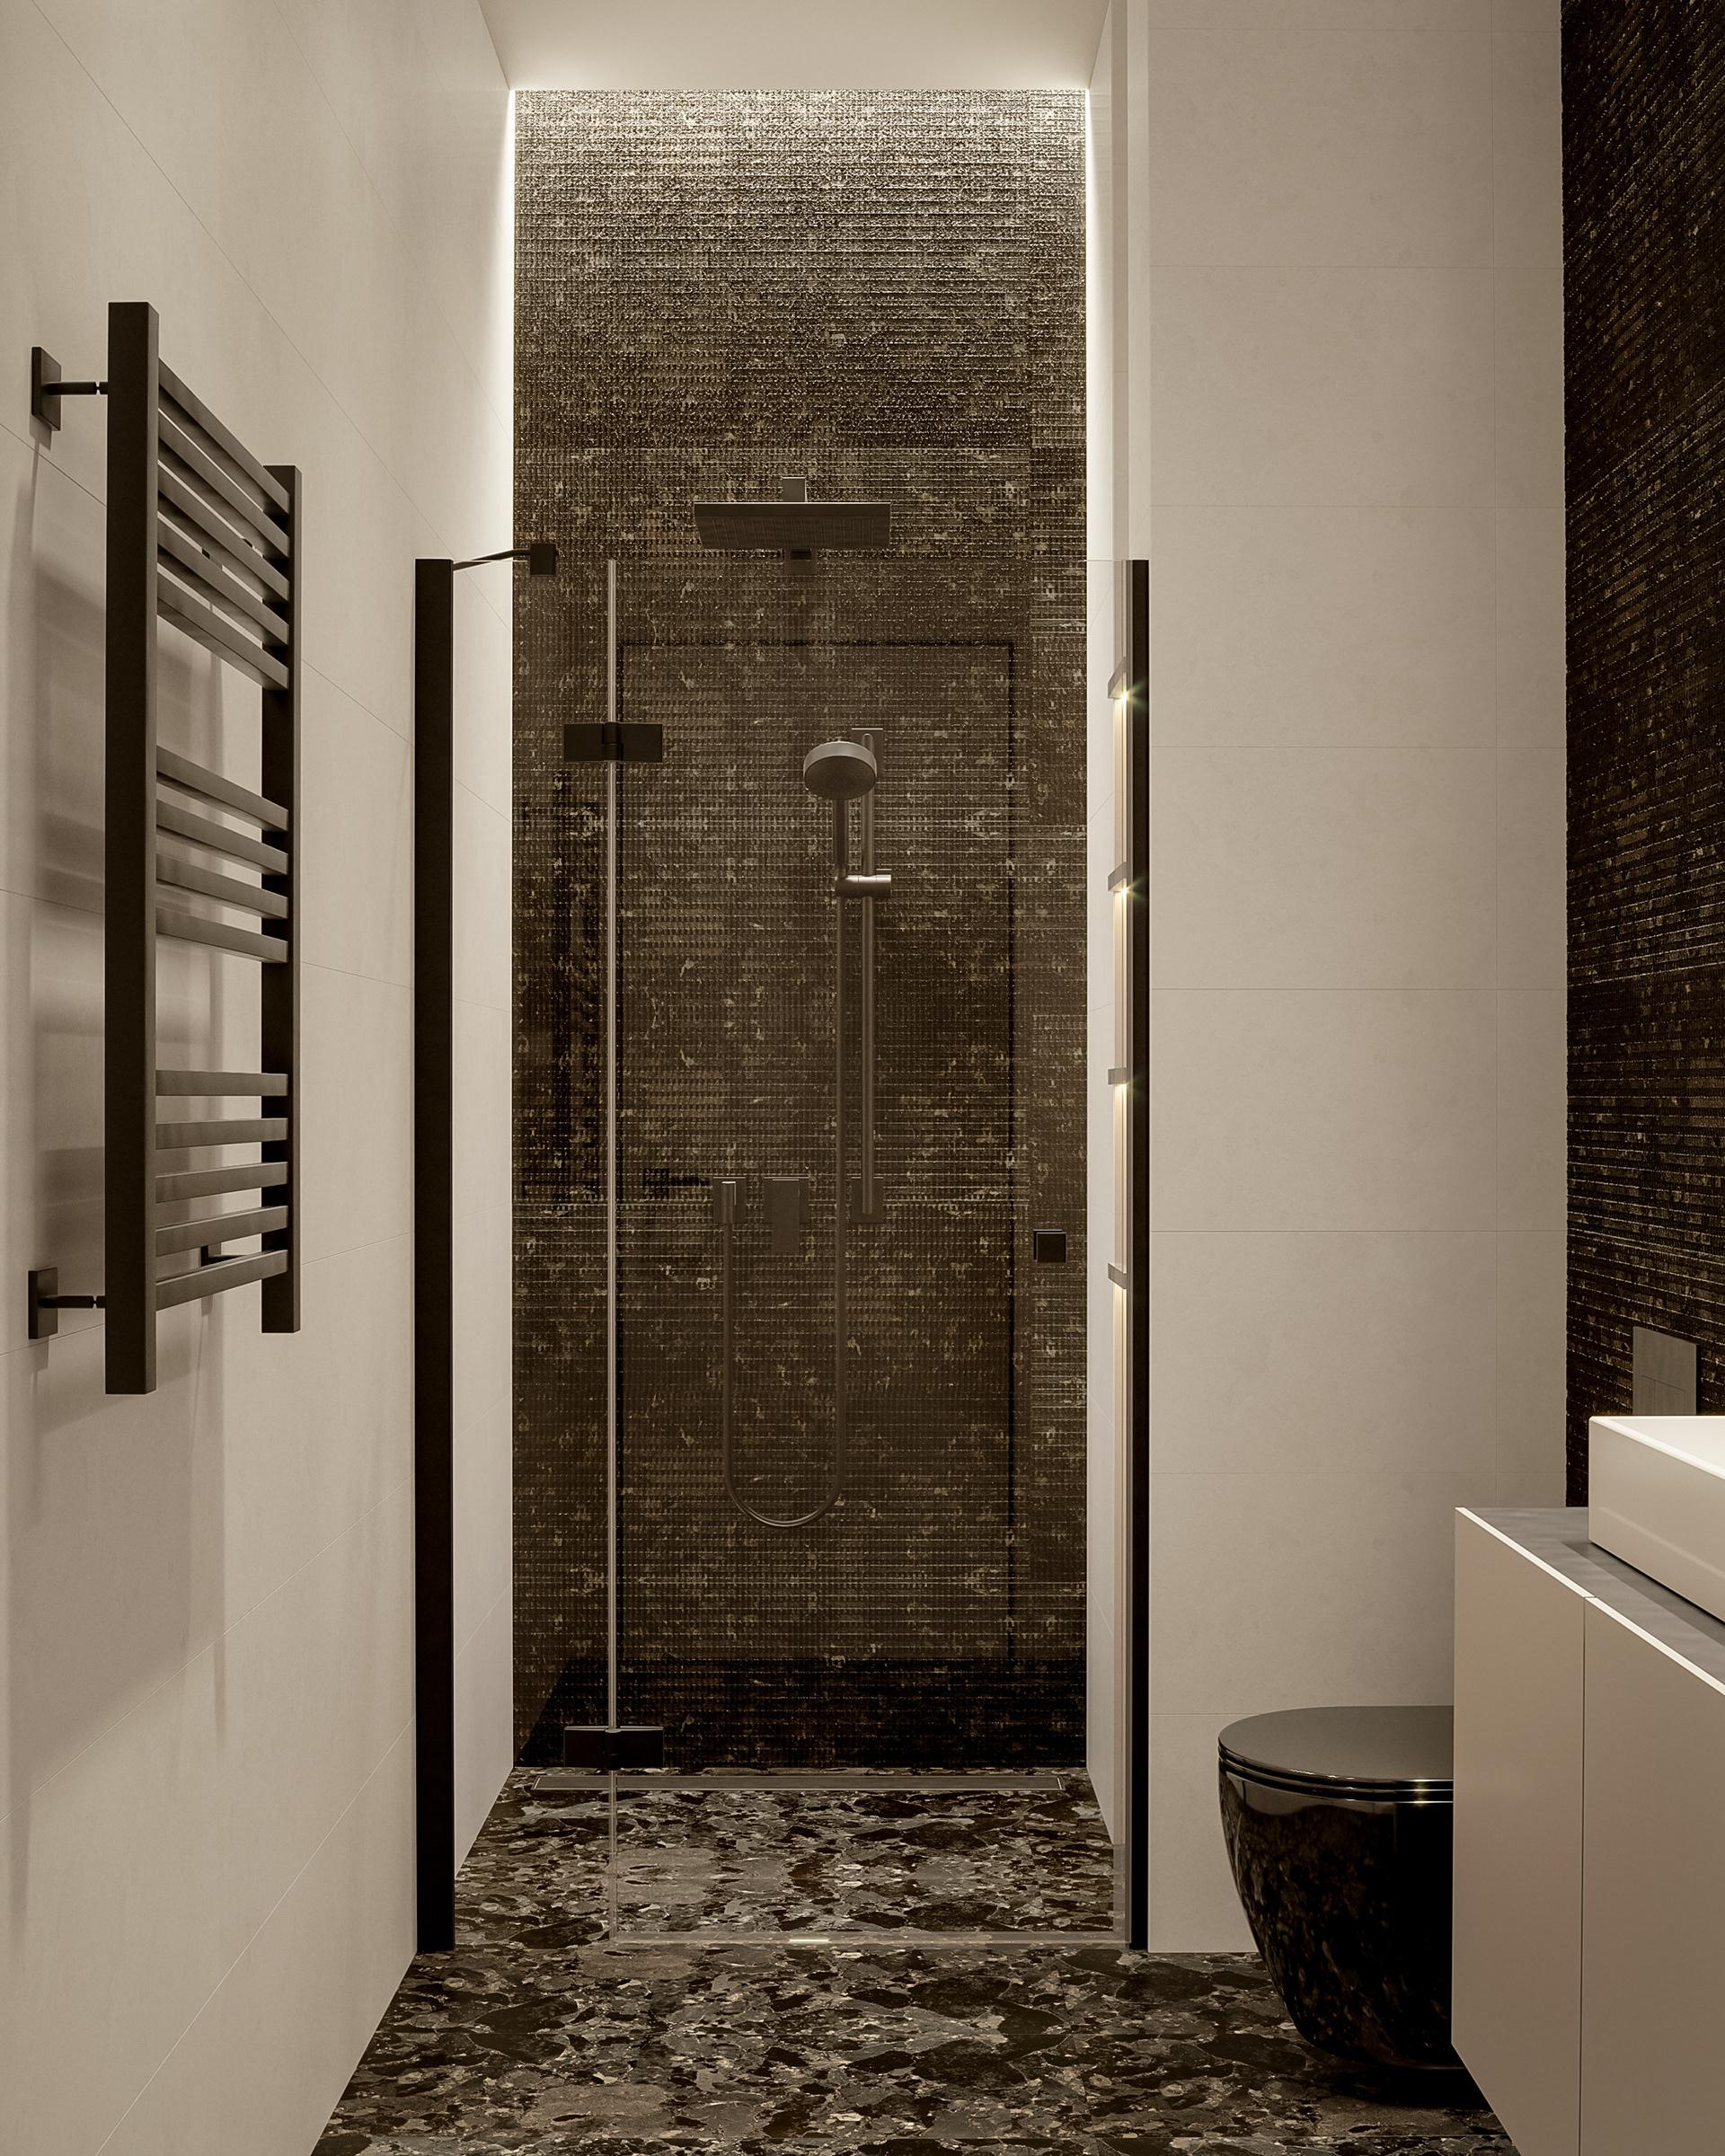 Kiến trúc sư tư vấn thiết kế căn hộ  50m² cho 3 người, chi phí tiết kiệm chỉ 114 triệu đồng - Ảnh 12.